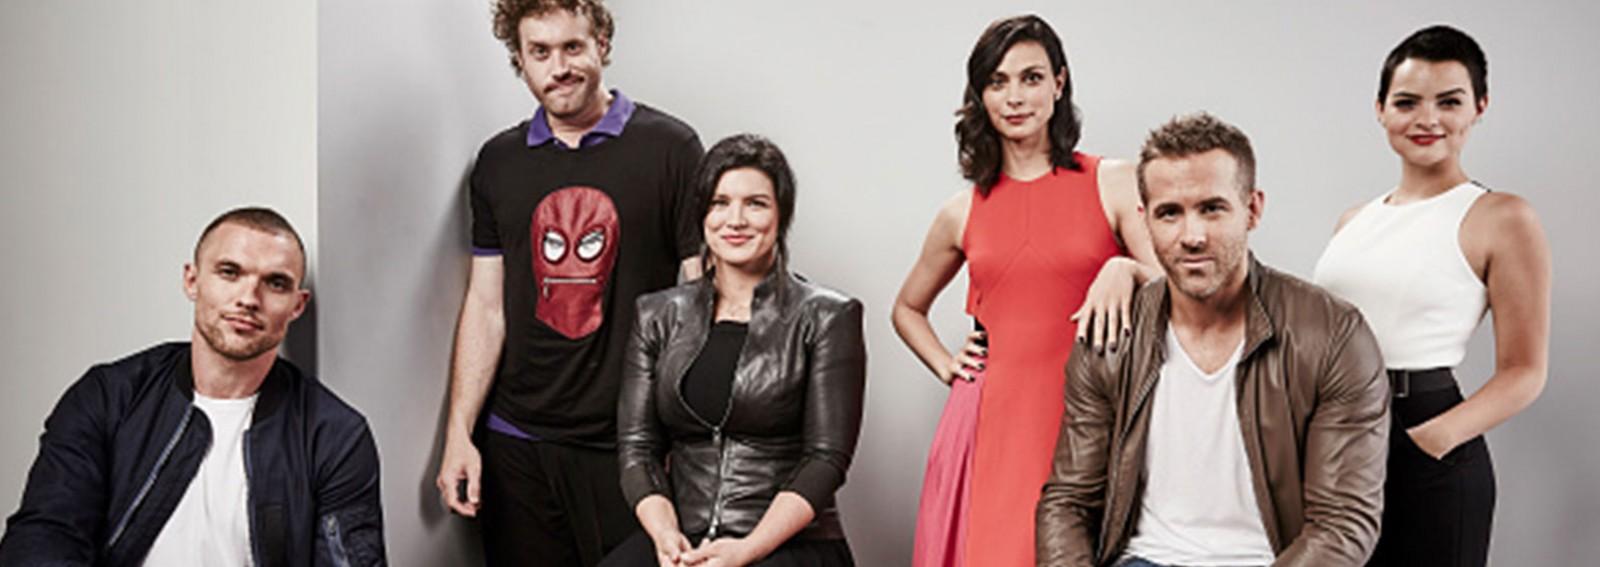 LIVE: Ryan Reynolds, TJ Miller, Ed Skrein and Morena Baccarin on upcoming film 'Deadpool'